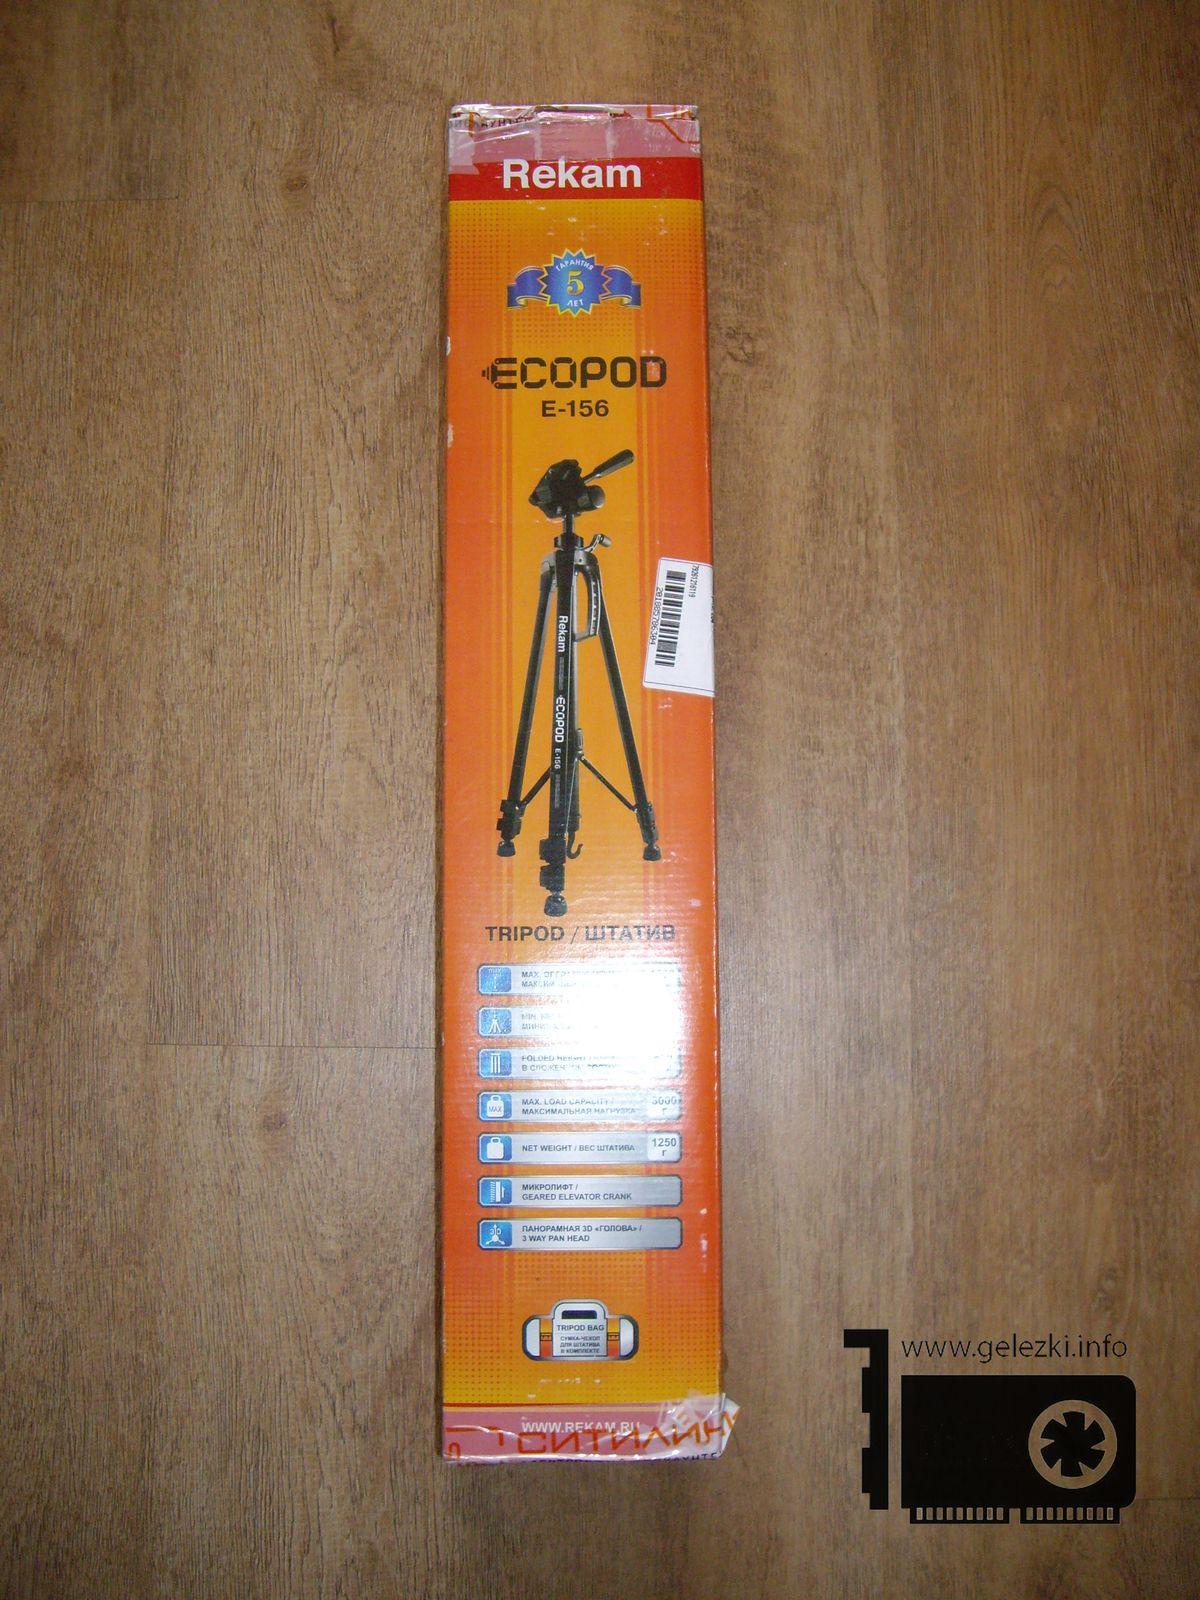 Упаковка Rekam Ecopod E-156